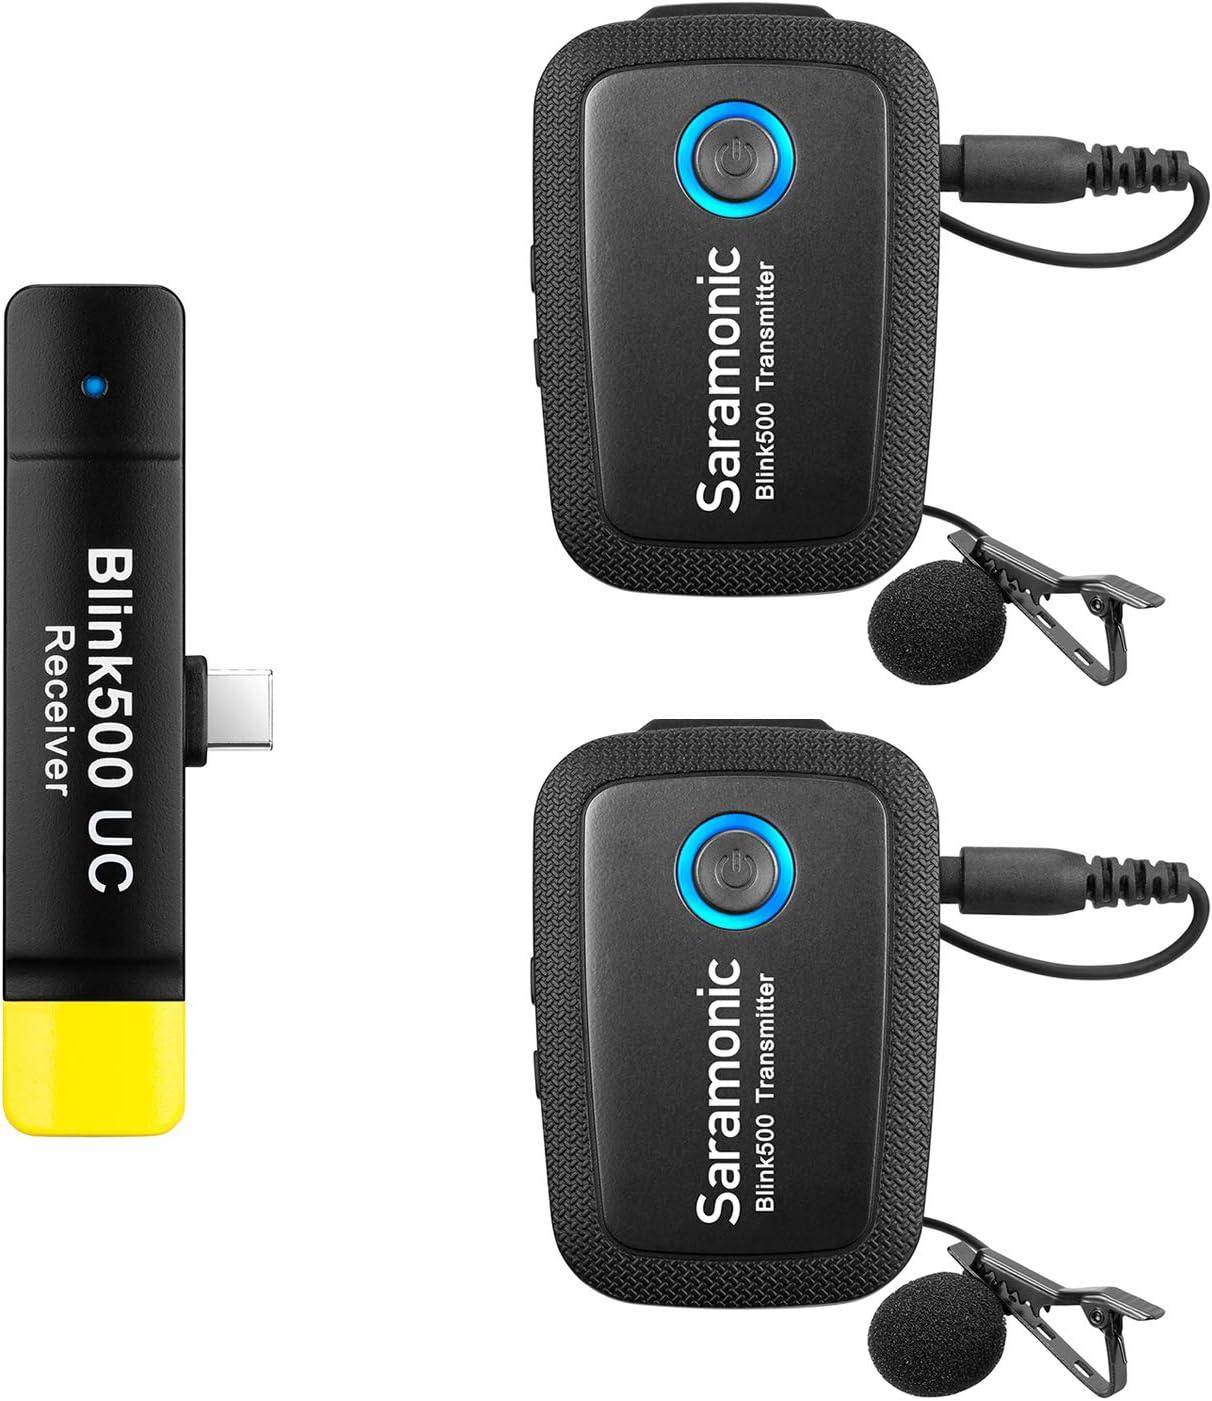 Saramonic Blink500 B6 Sistema de micrófono inalámbrico lavalier ultracompacto de 2.4GHz con receptor USB tipo C sin batería Plug & Play para Samsung Galaxy, LG,Google y otros dispositivos tipo USB